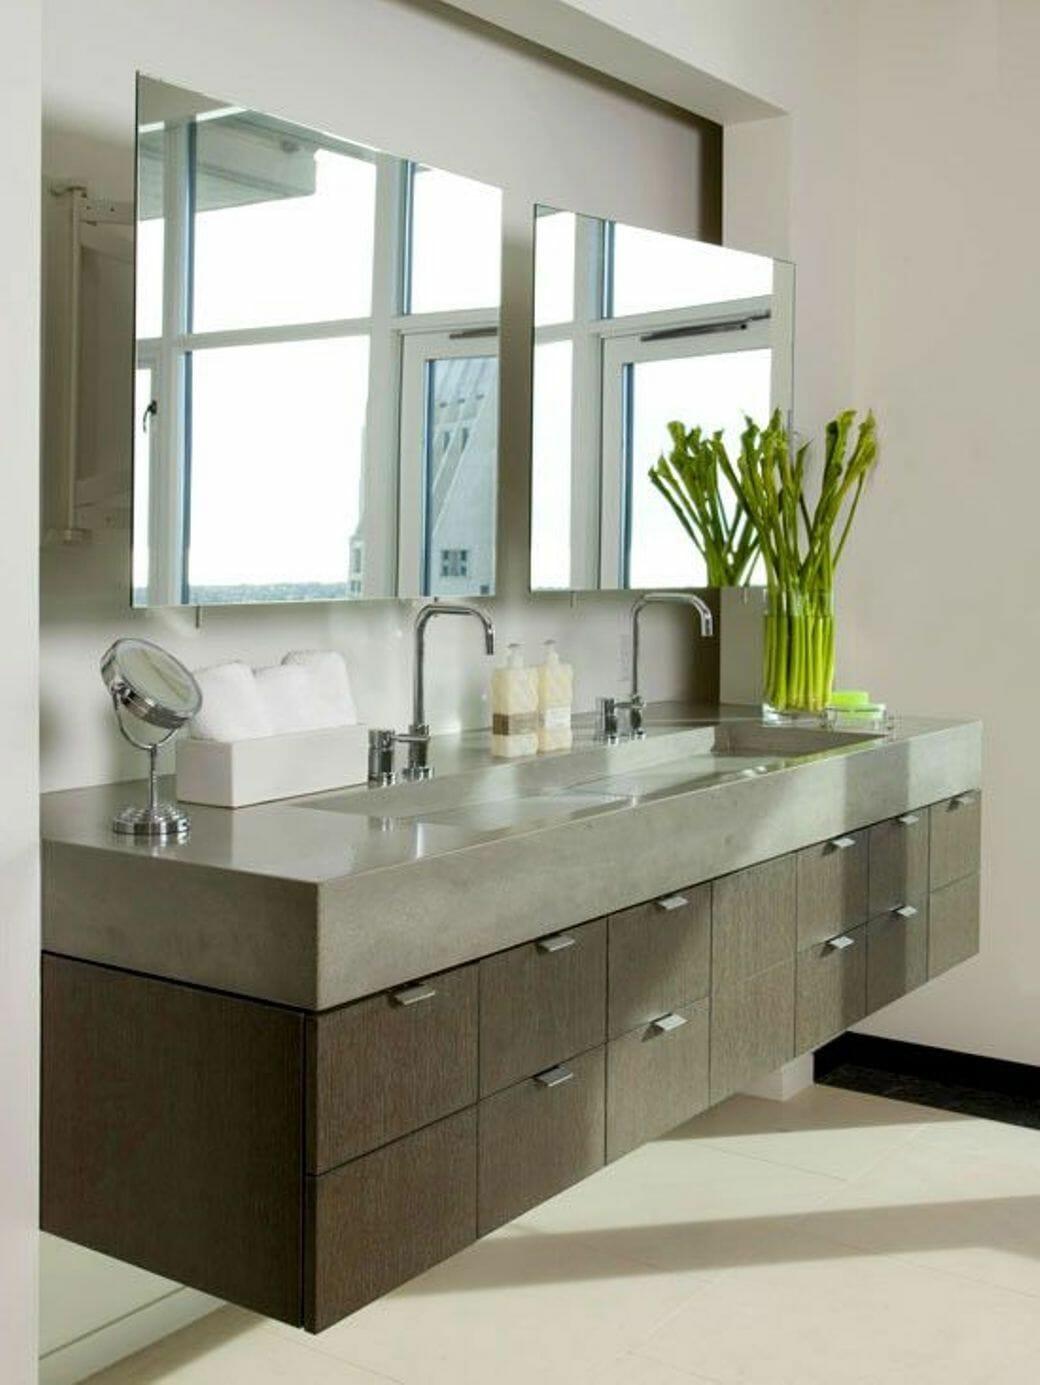 Floating Bathroom Vanity Sink